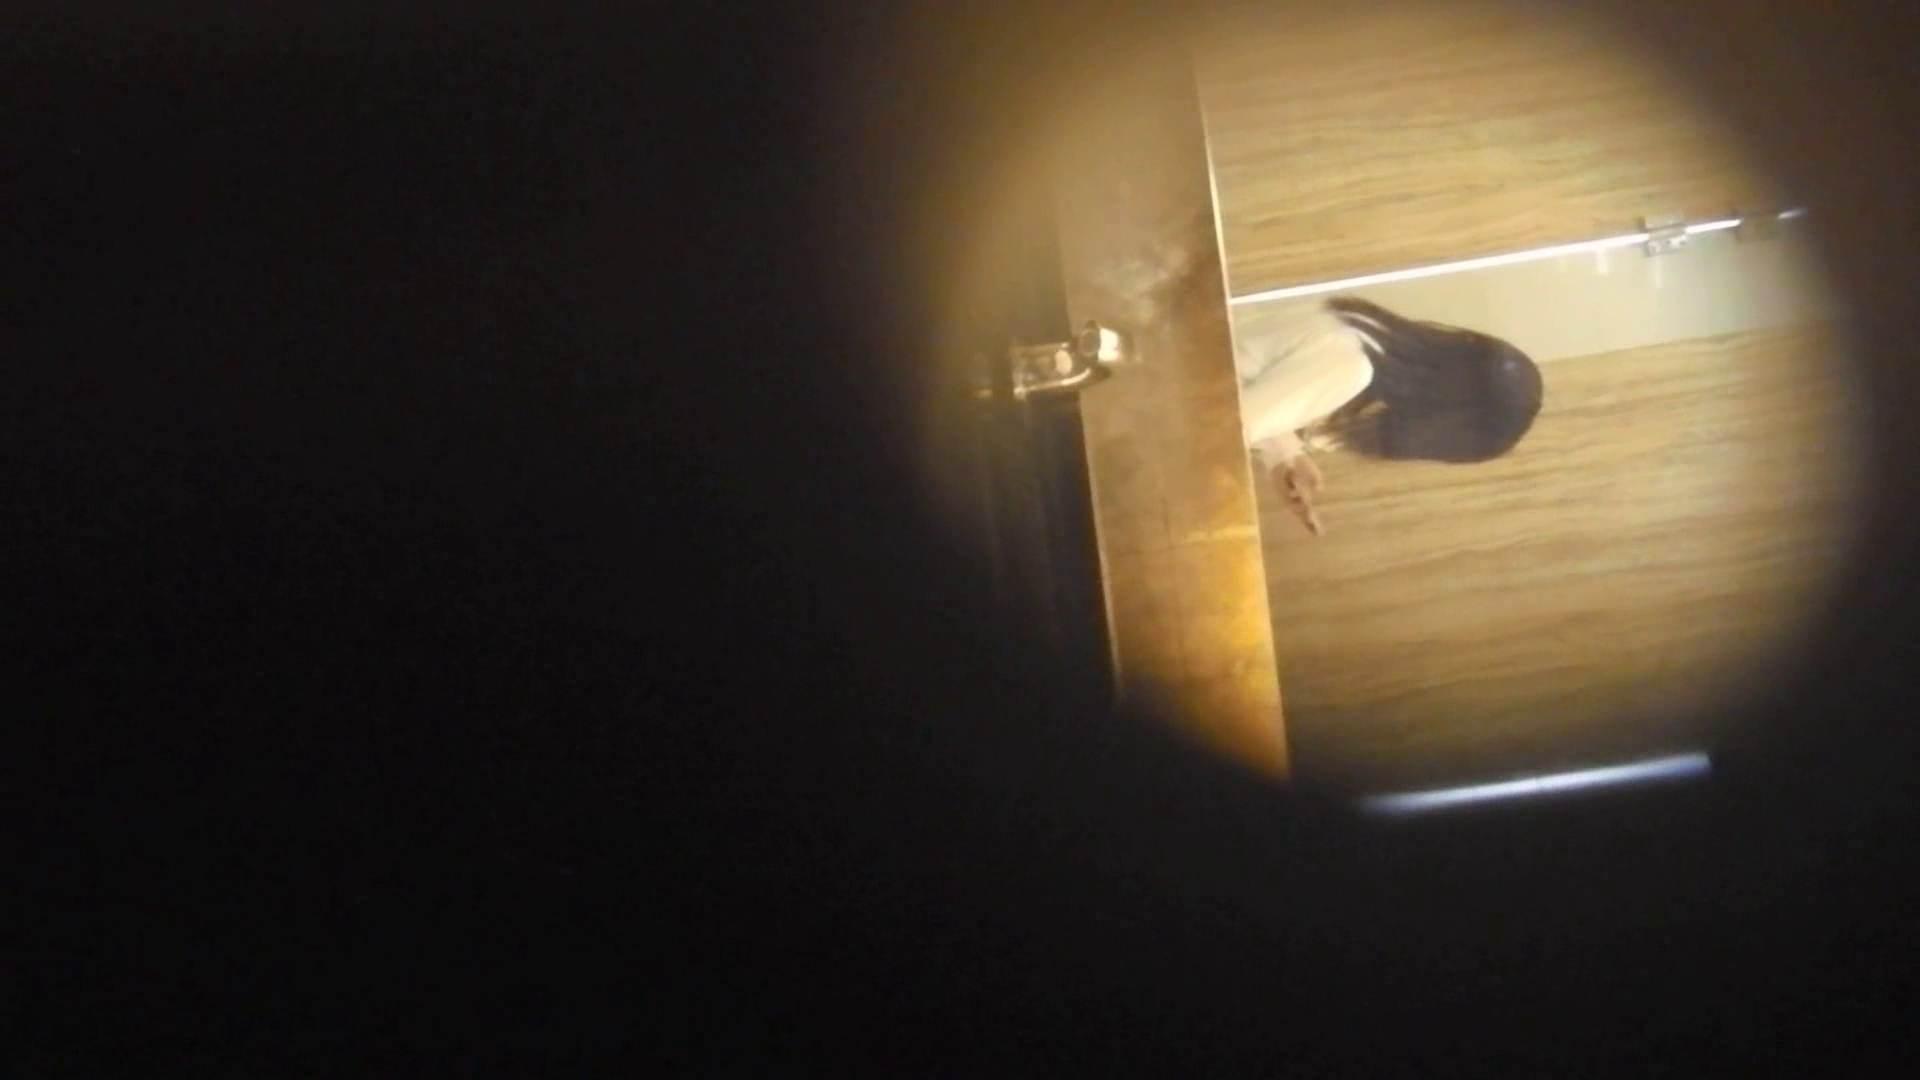 阿国ちゃんの「和式洋式七変化」No.18 iBO(フタコブ) 丸見え セックス無修正動画無料 105枚 44